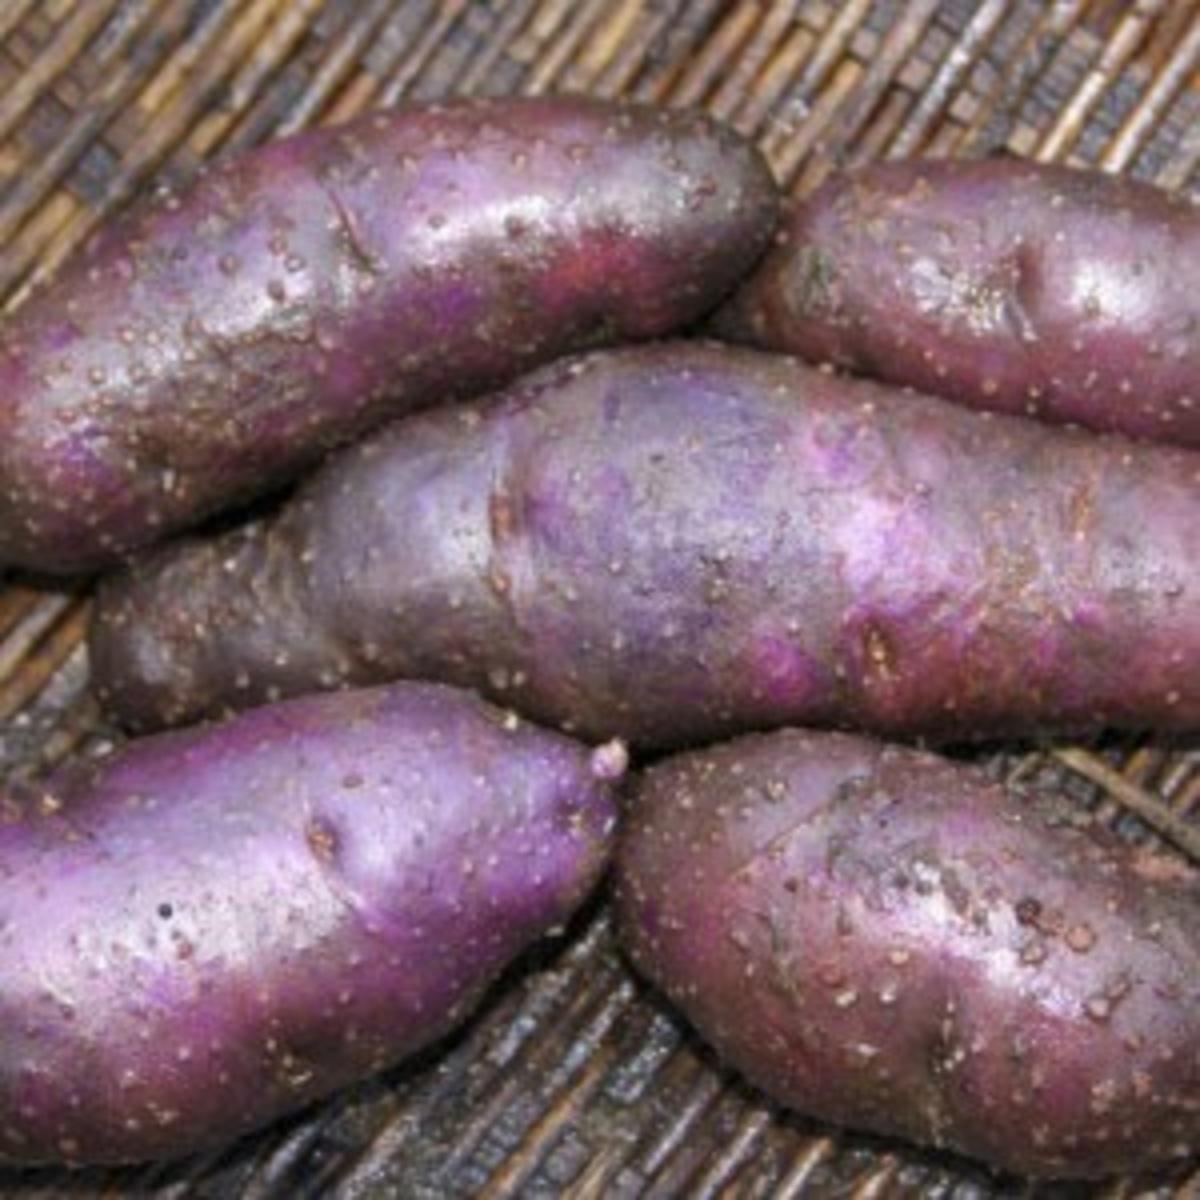 Pawhero potato